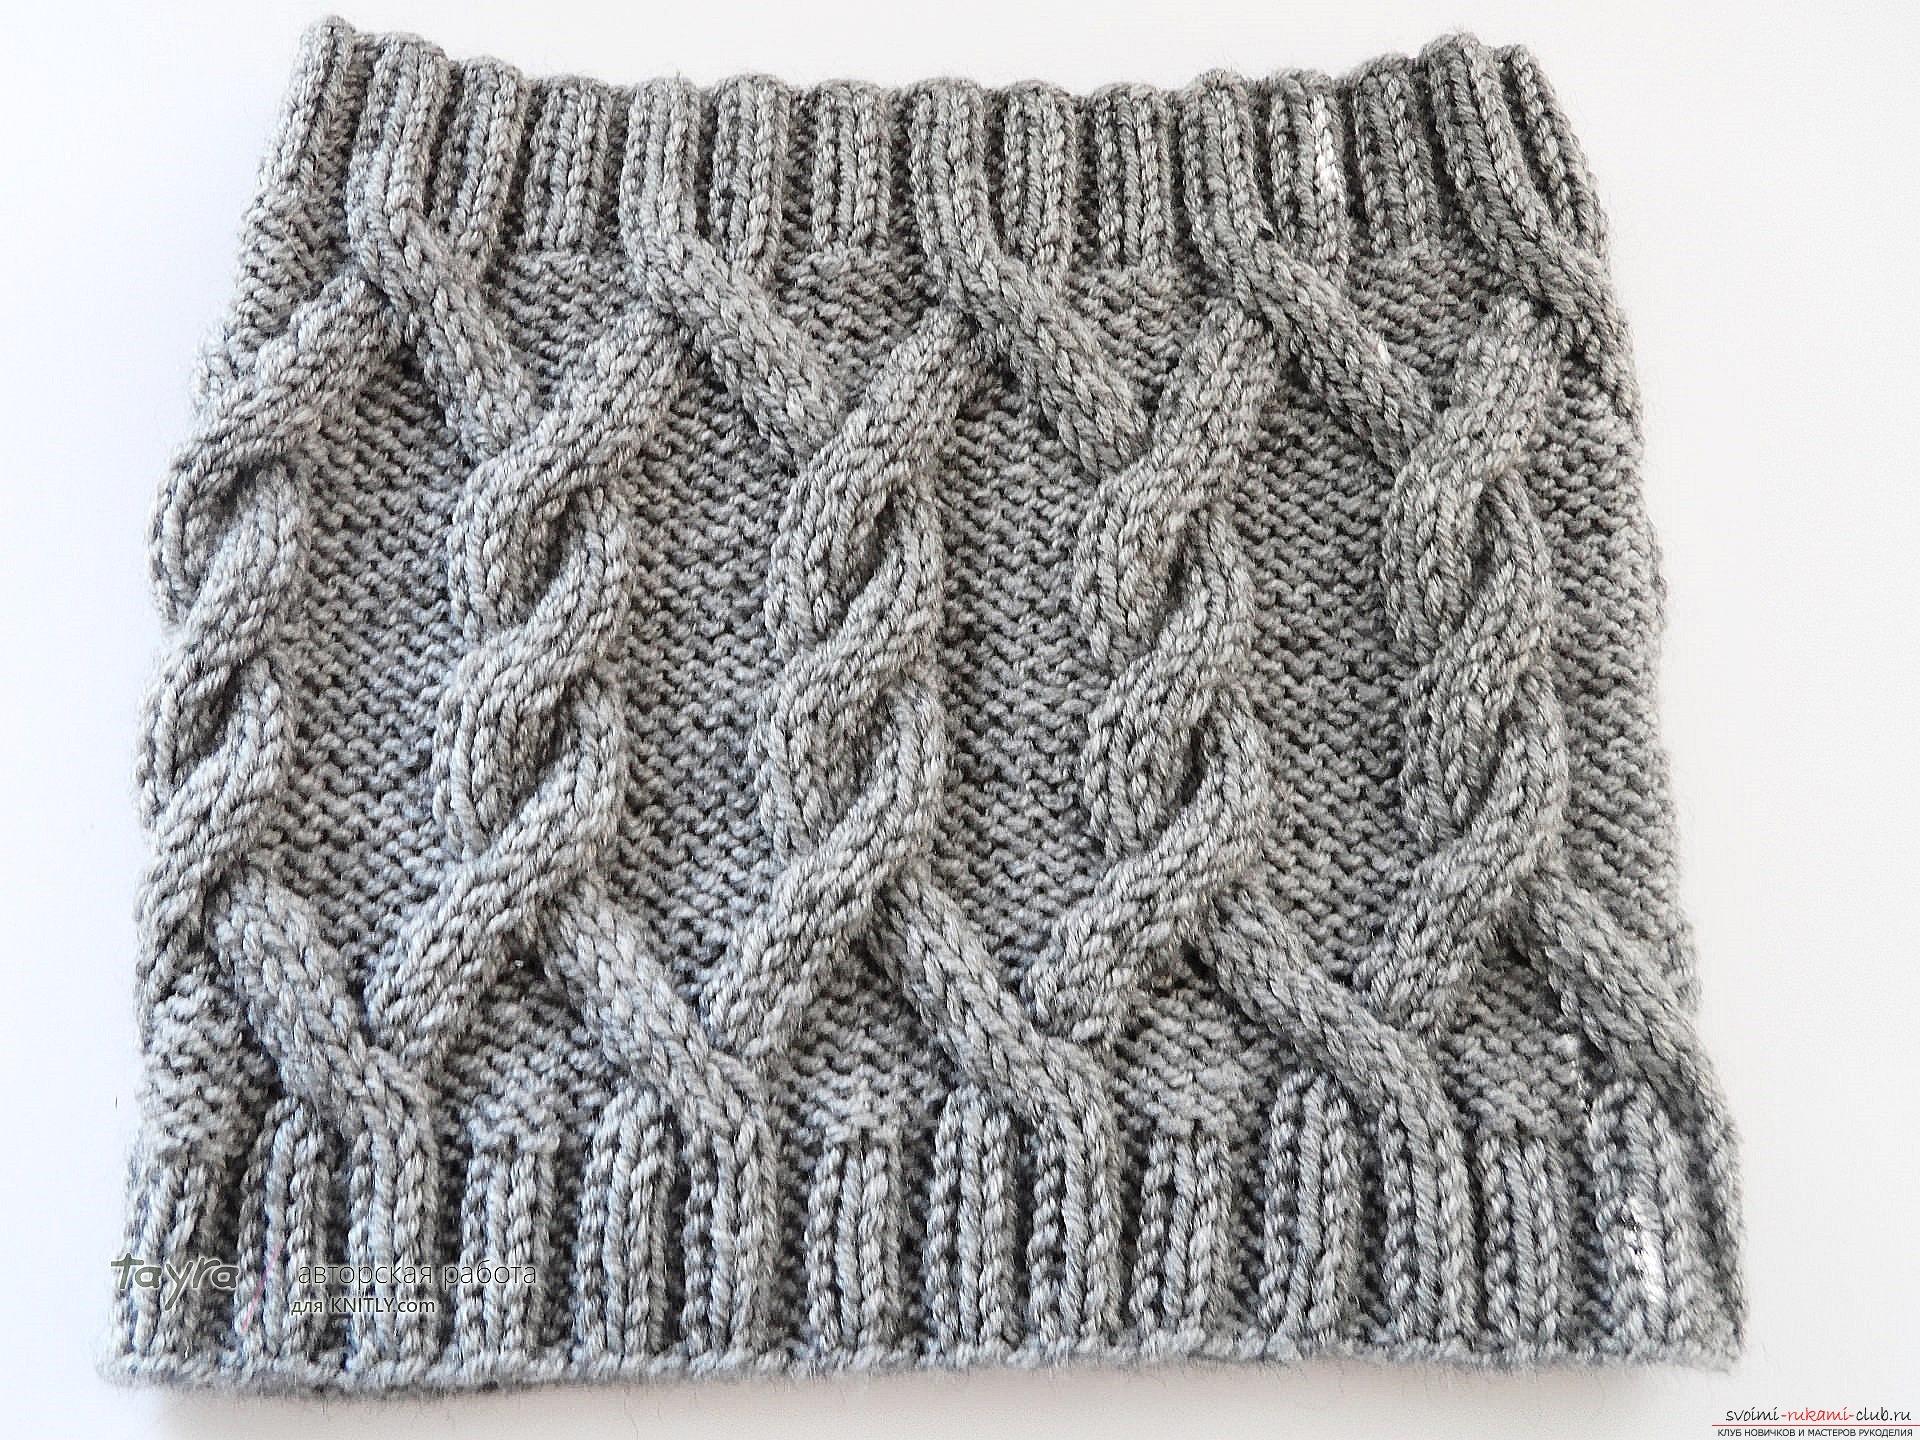 шарф-снуд схема вязания схемы и узоры